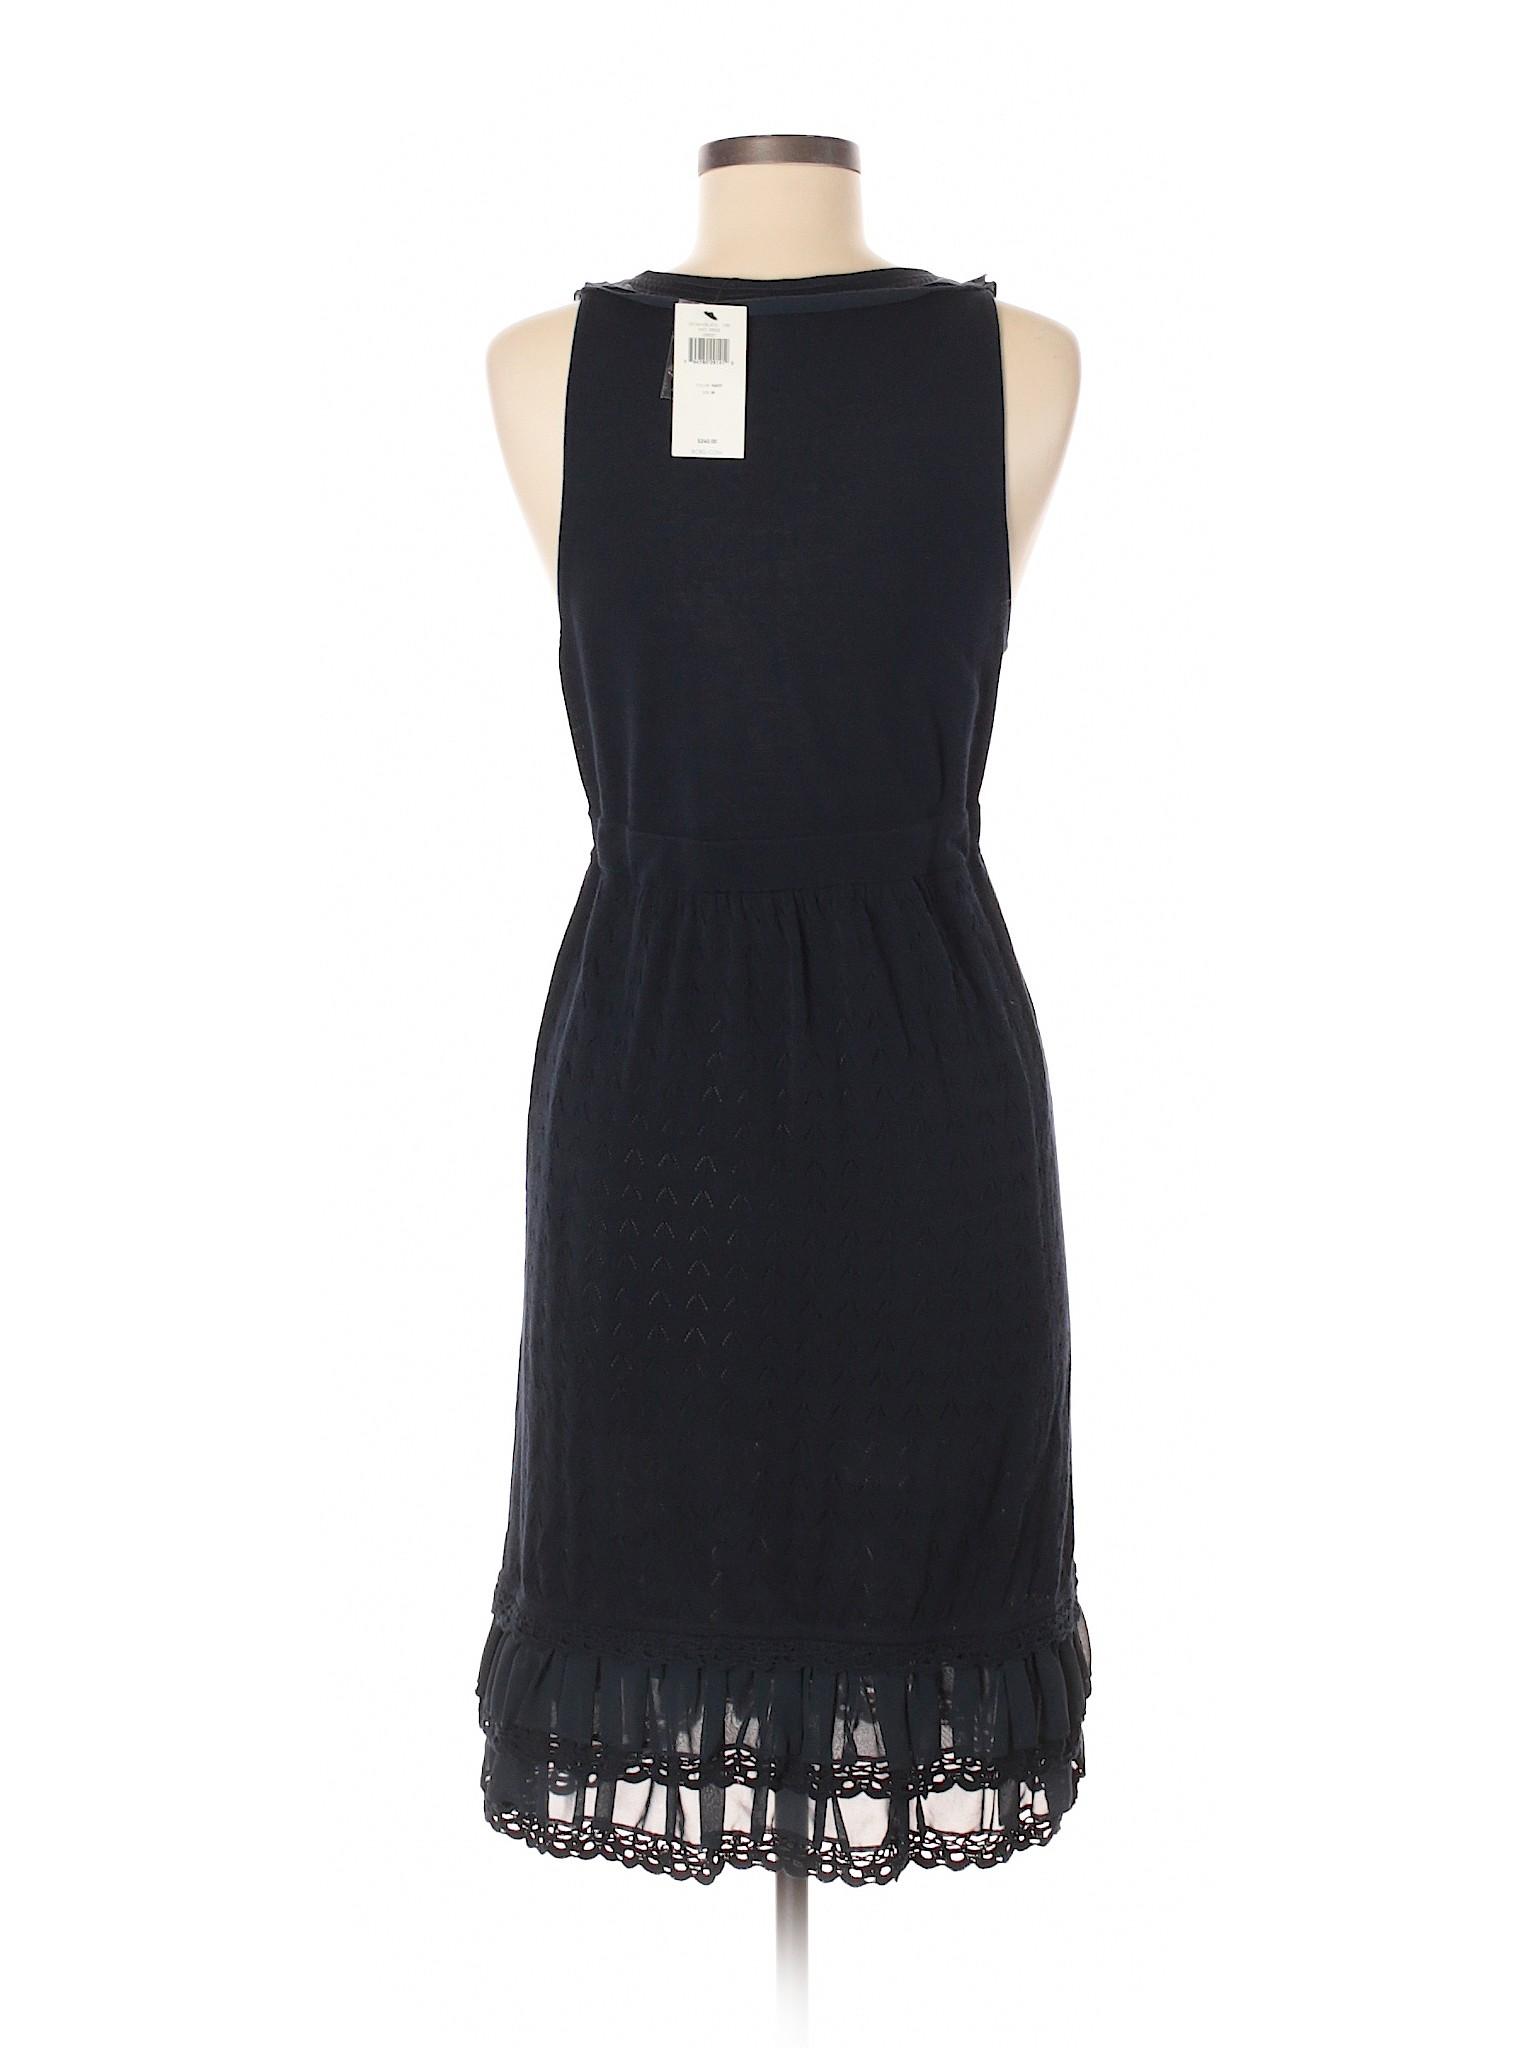 Dress Dress winter Boutique Boutique BCBGMAXAZRIA Boutique BCBGMAXAZRIA Casual winter Casual dzBIqBw